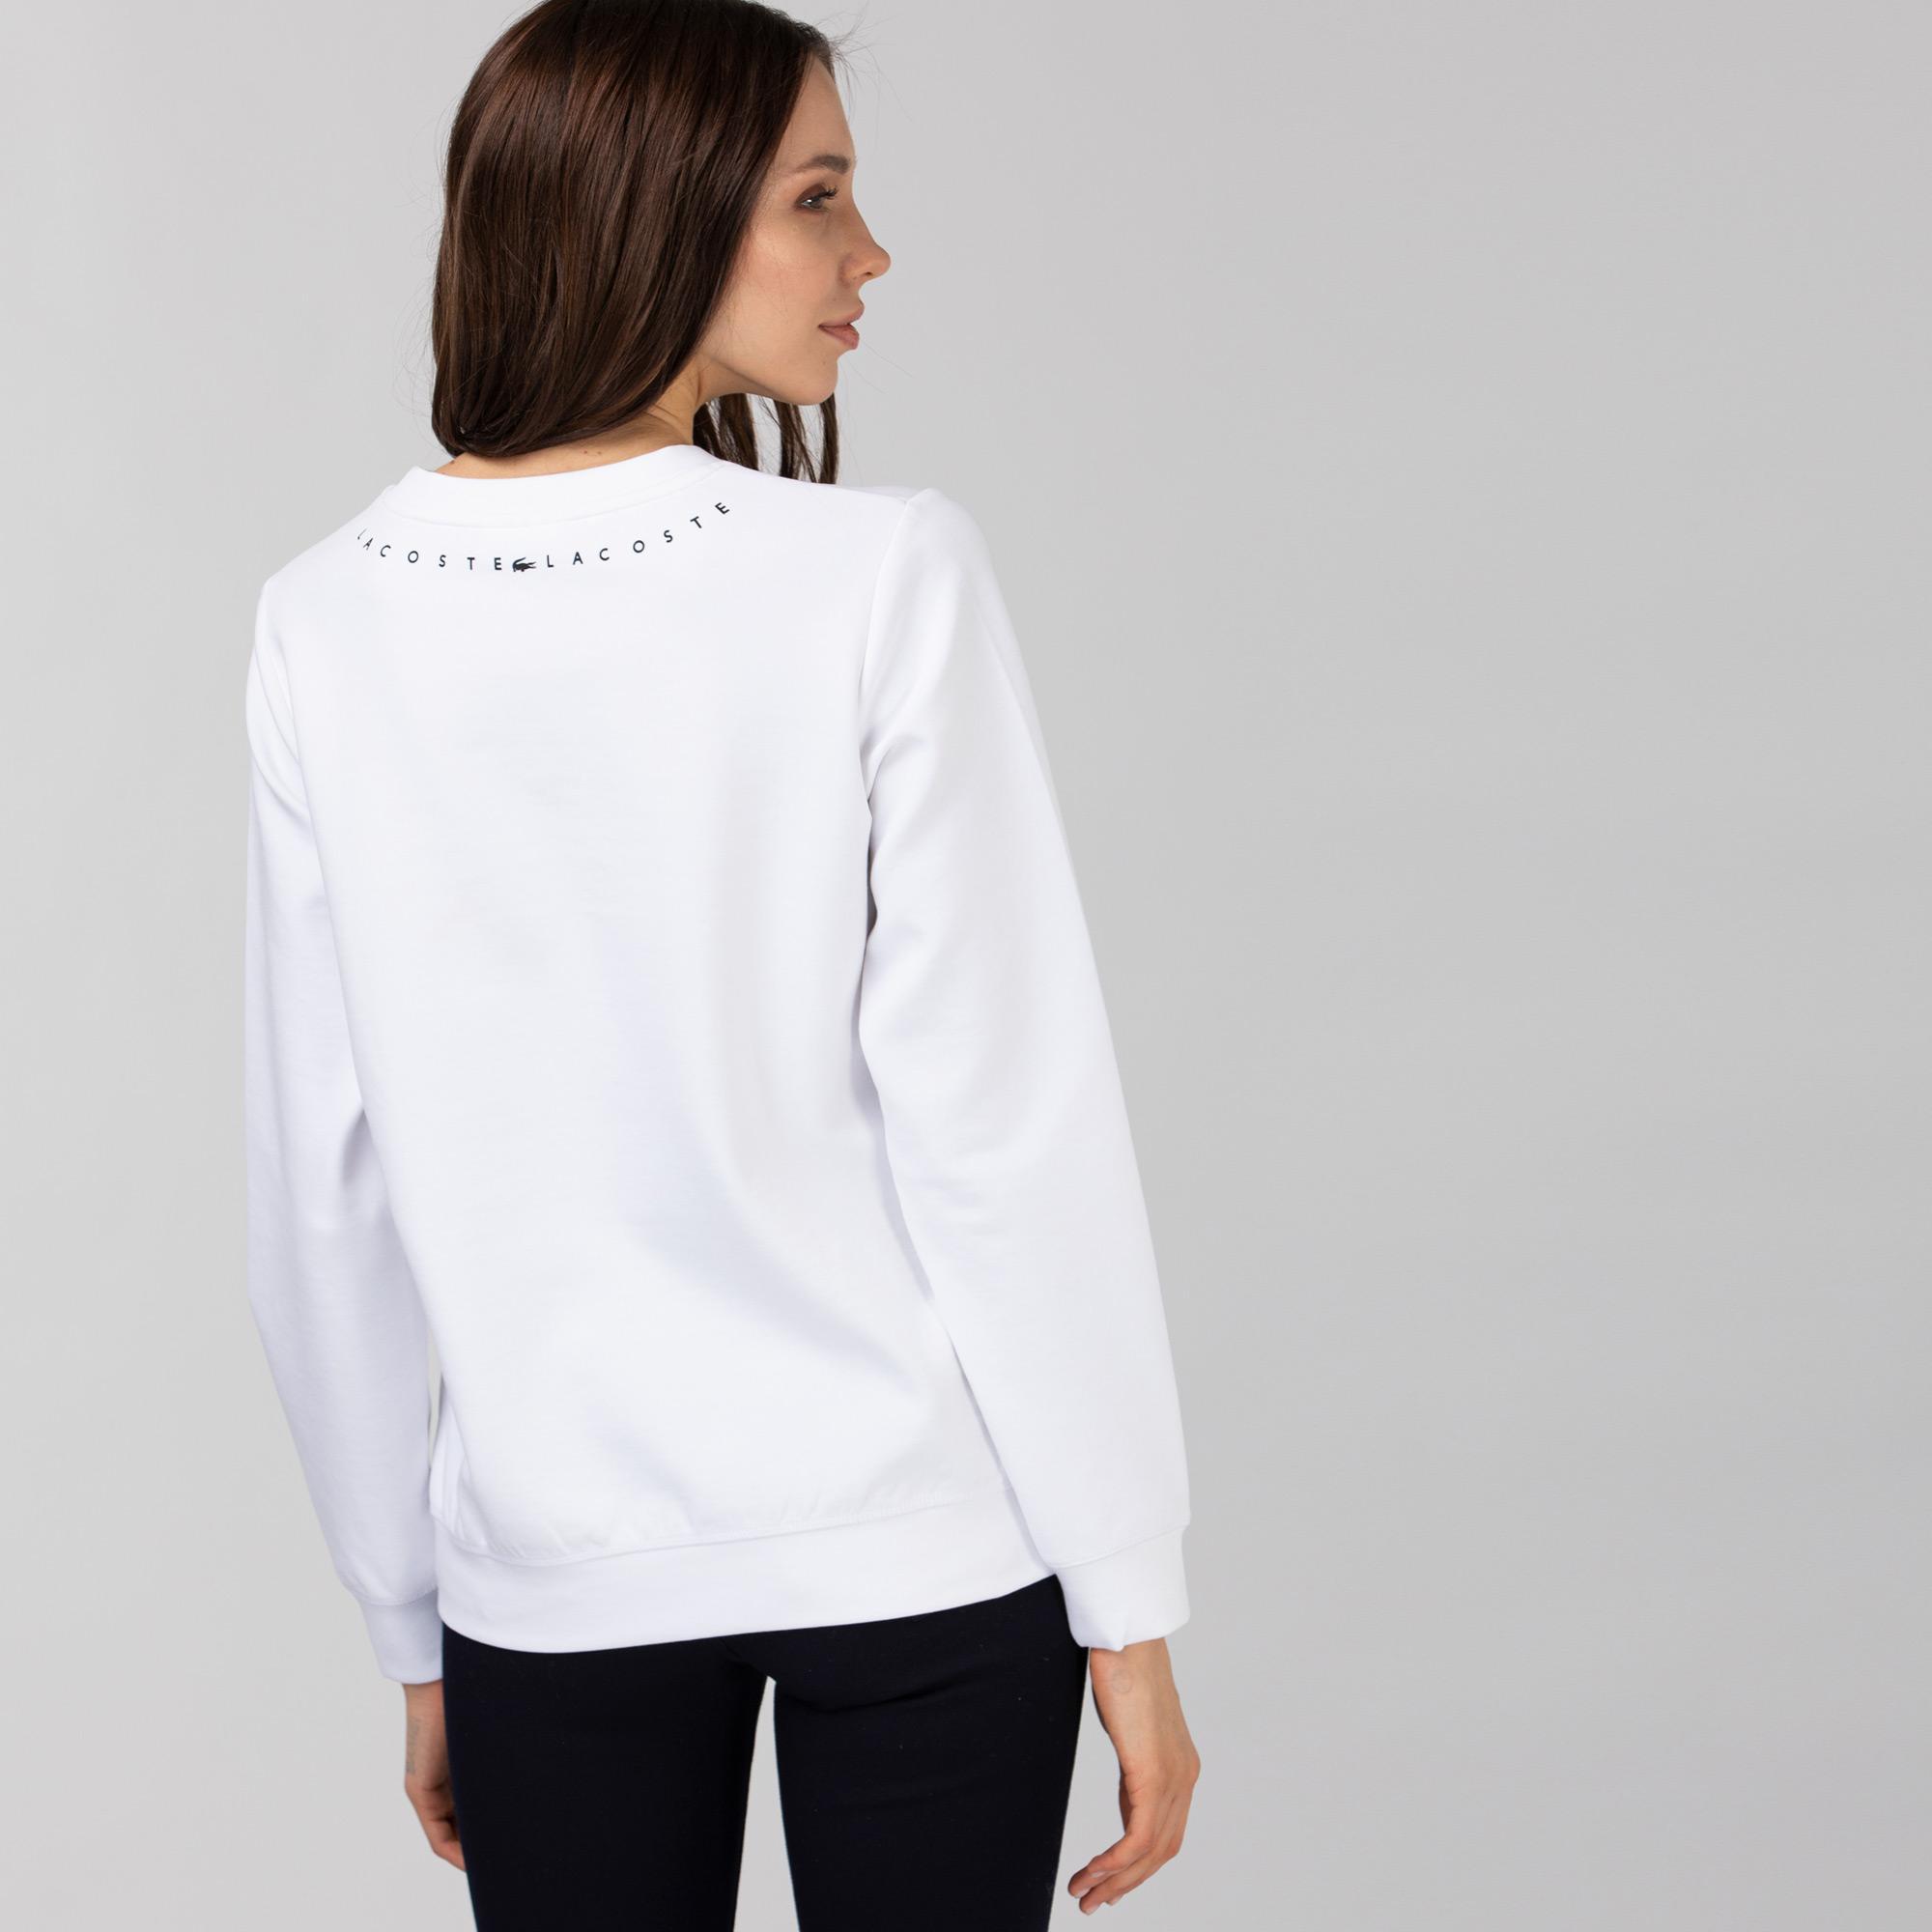 Lacoste Kadın Bisiklet Yaka Baskılı Beyaz Sweatshirt